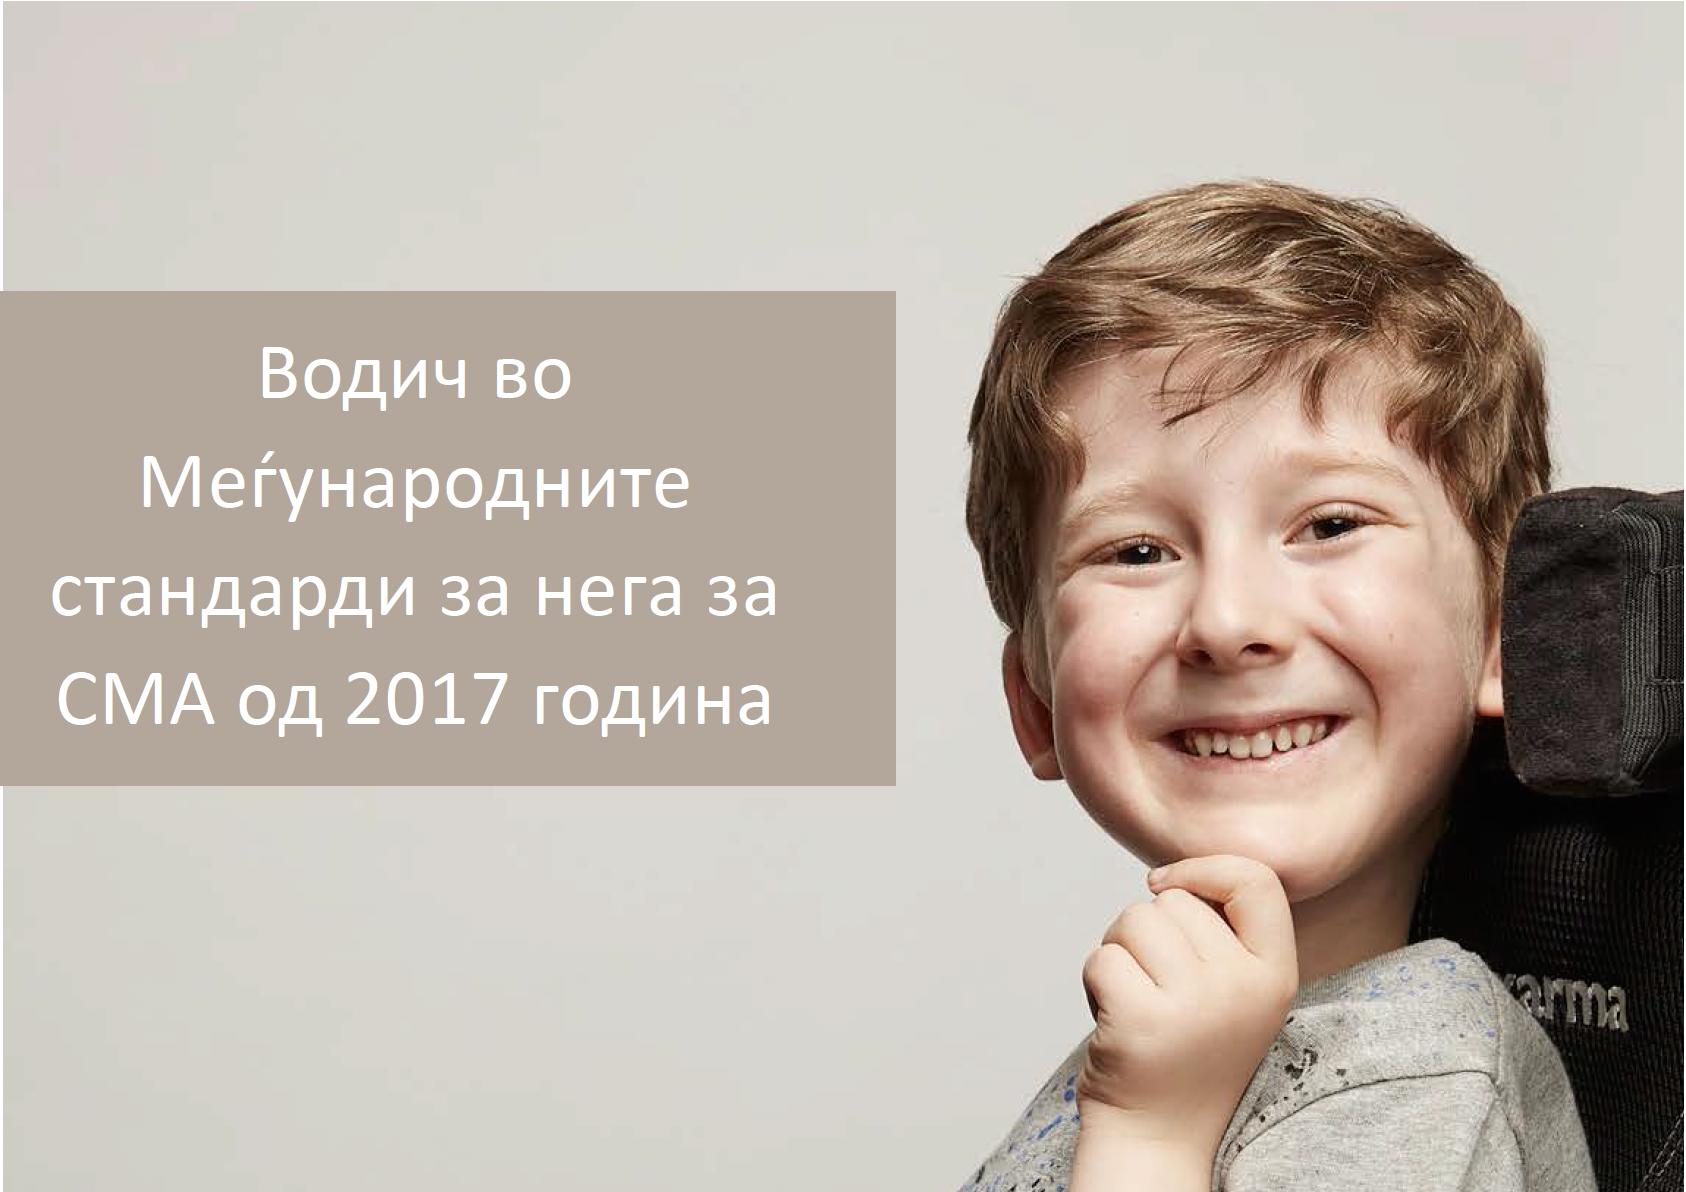 Водич во Меѓународните стандарди за нега за СМА од 2017 година